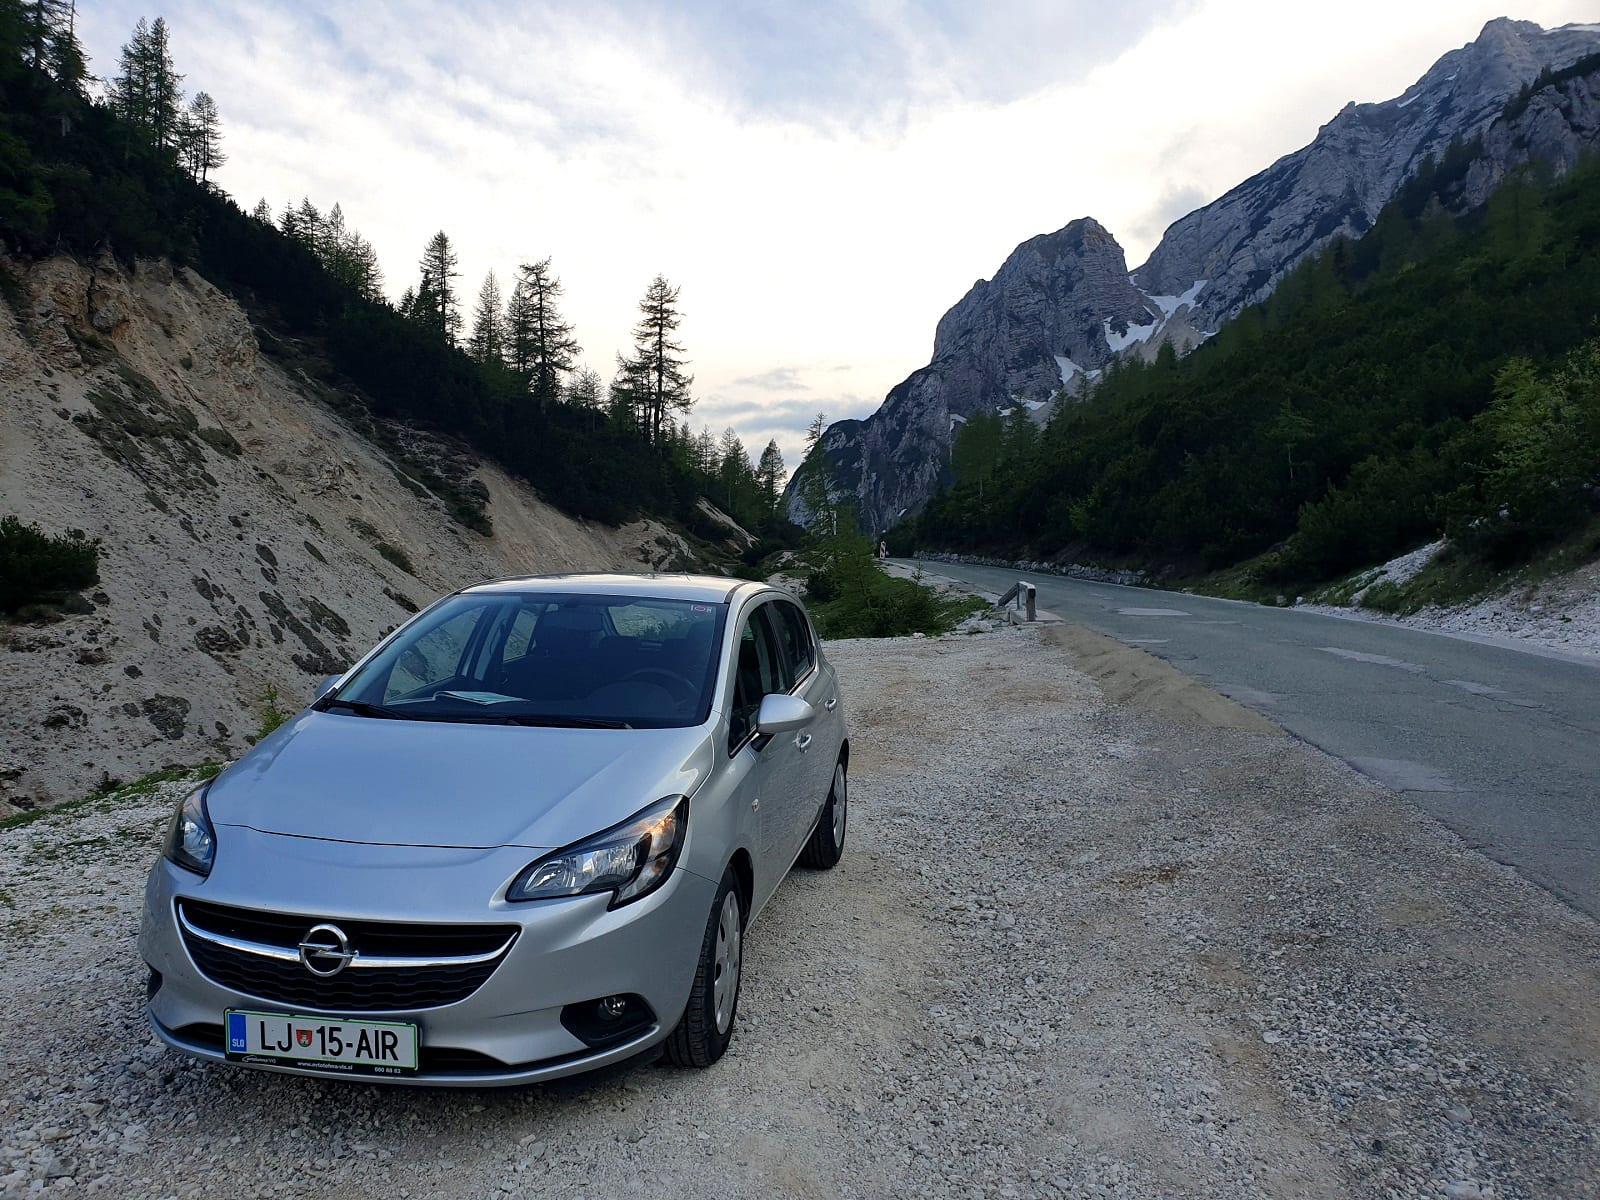 A Corsa in Slovenia